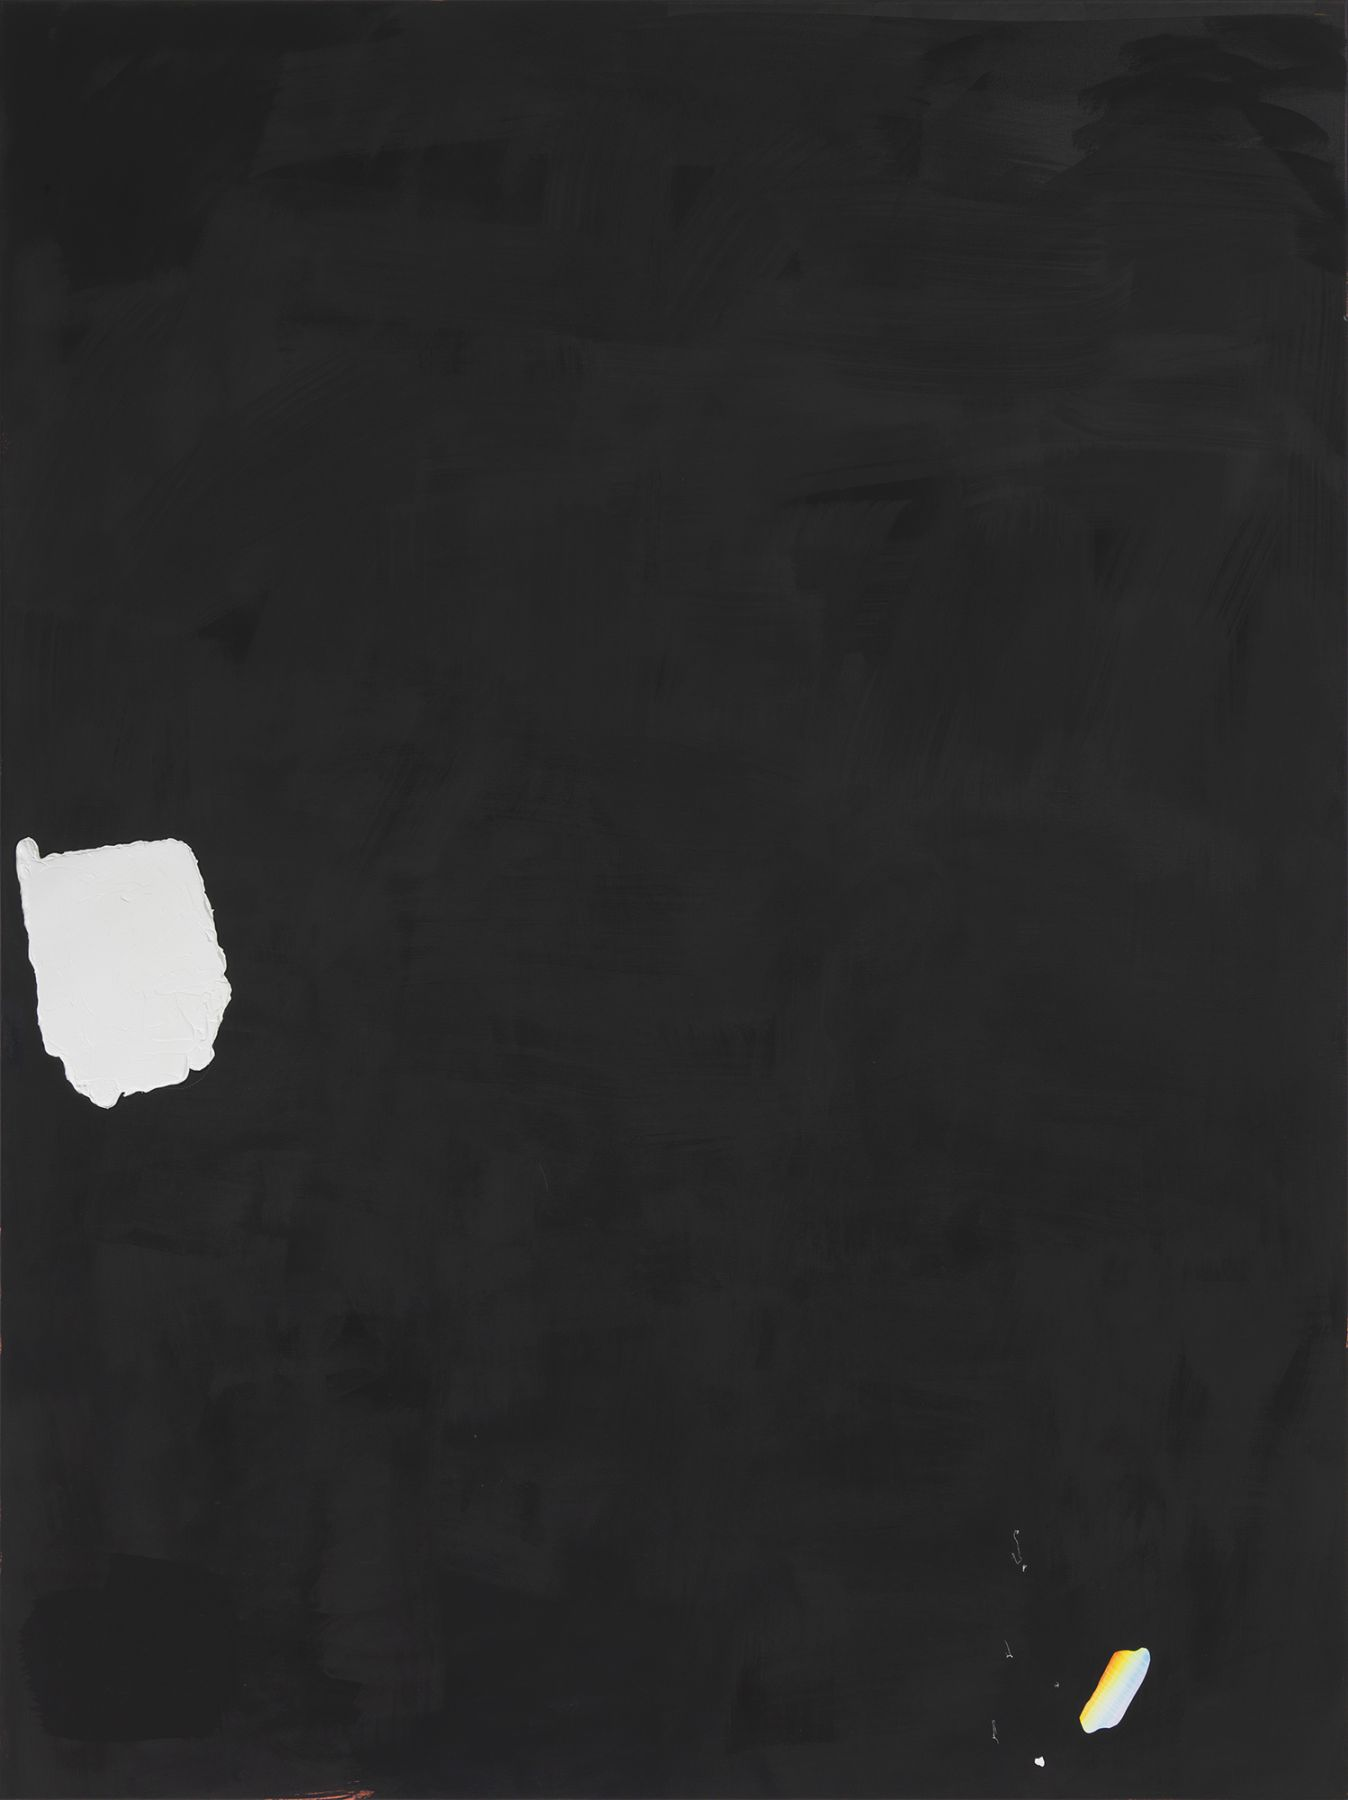 Monika Baer on hold, 2015 Acrylic, oil on canvas 70 3/4 x 53 1/4 inches (180 x 135 cm)